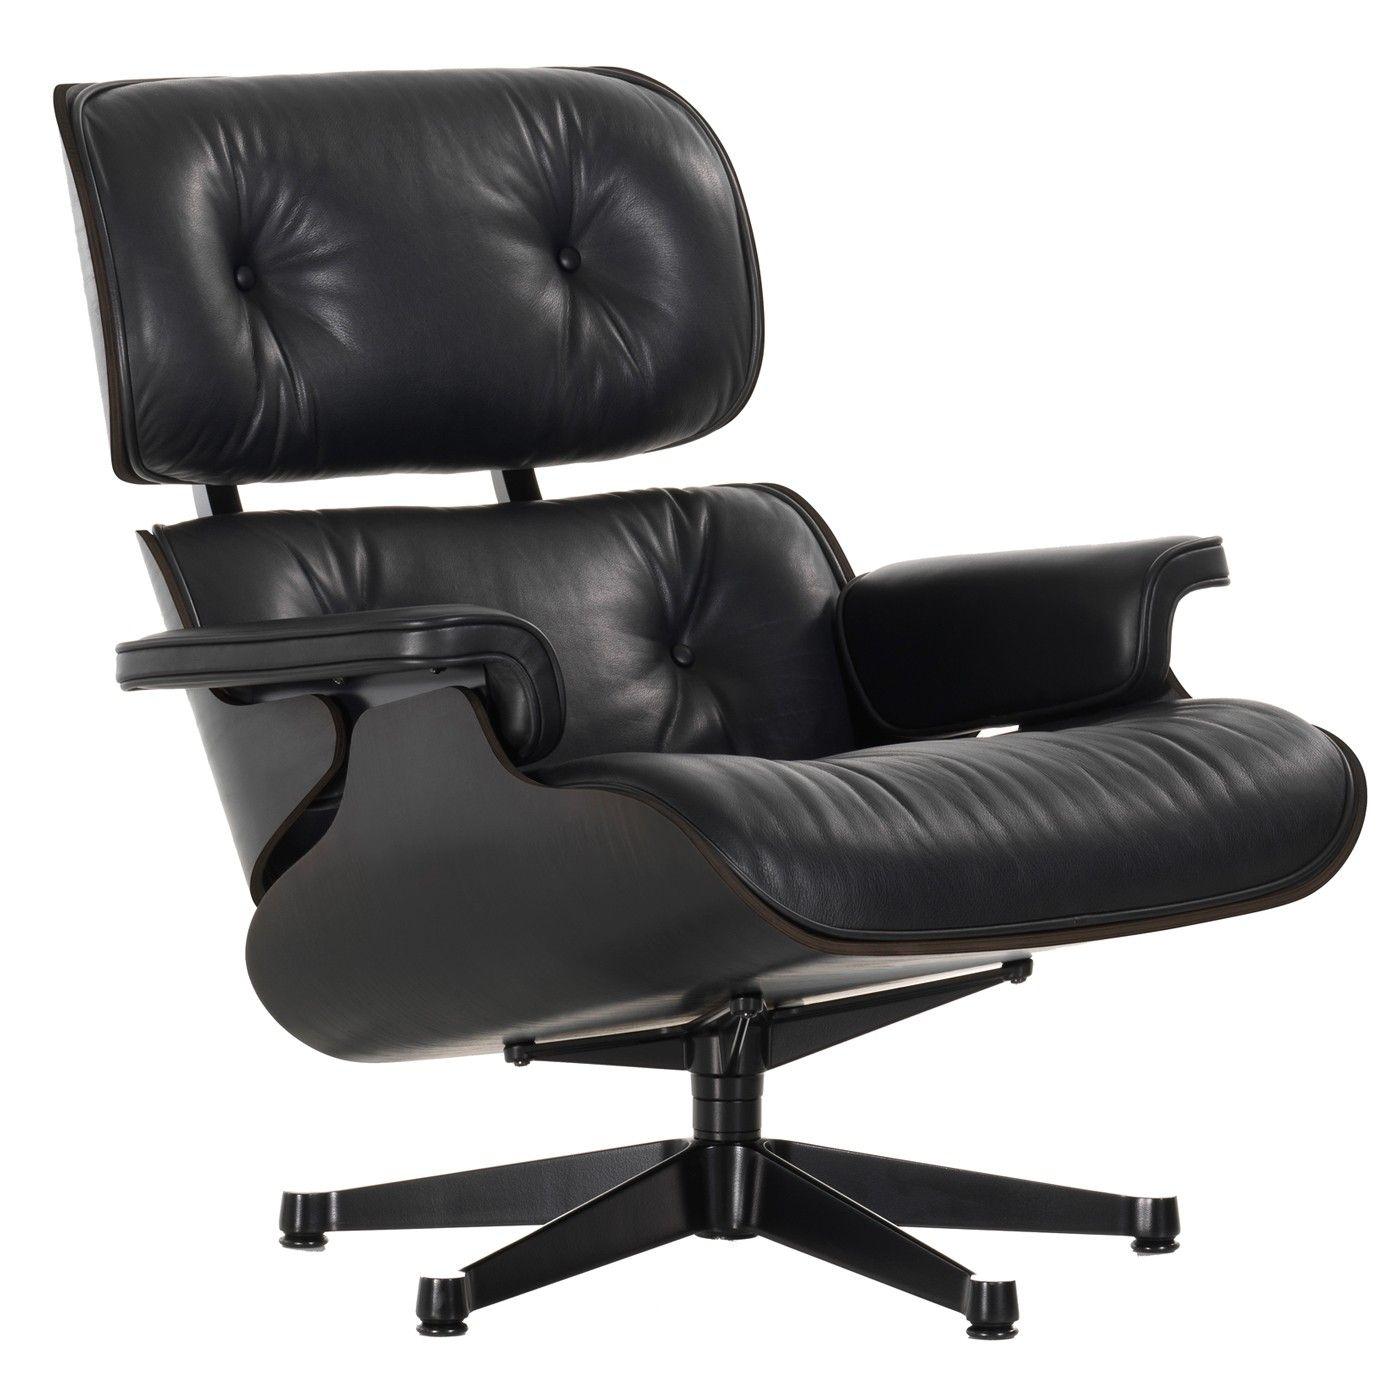 Eames Bureaustoel Kopie.Vitra Eames Lounge Chair Fauteuil Nieuwe Afmetingen Zwart